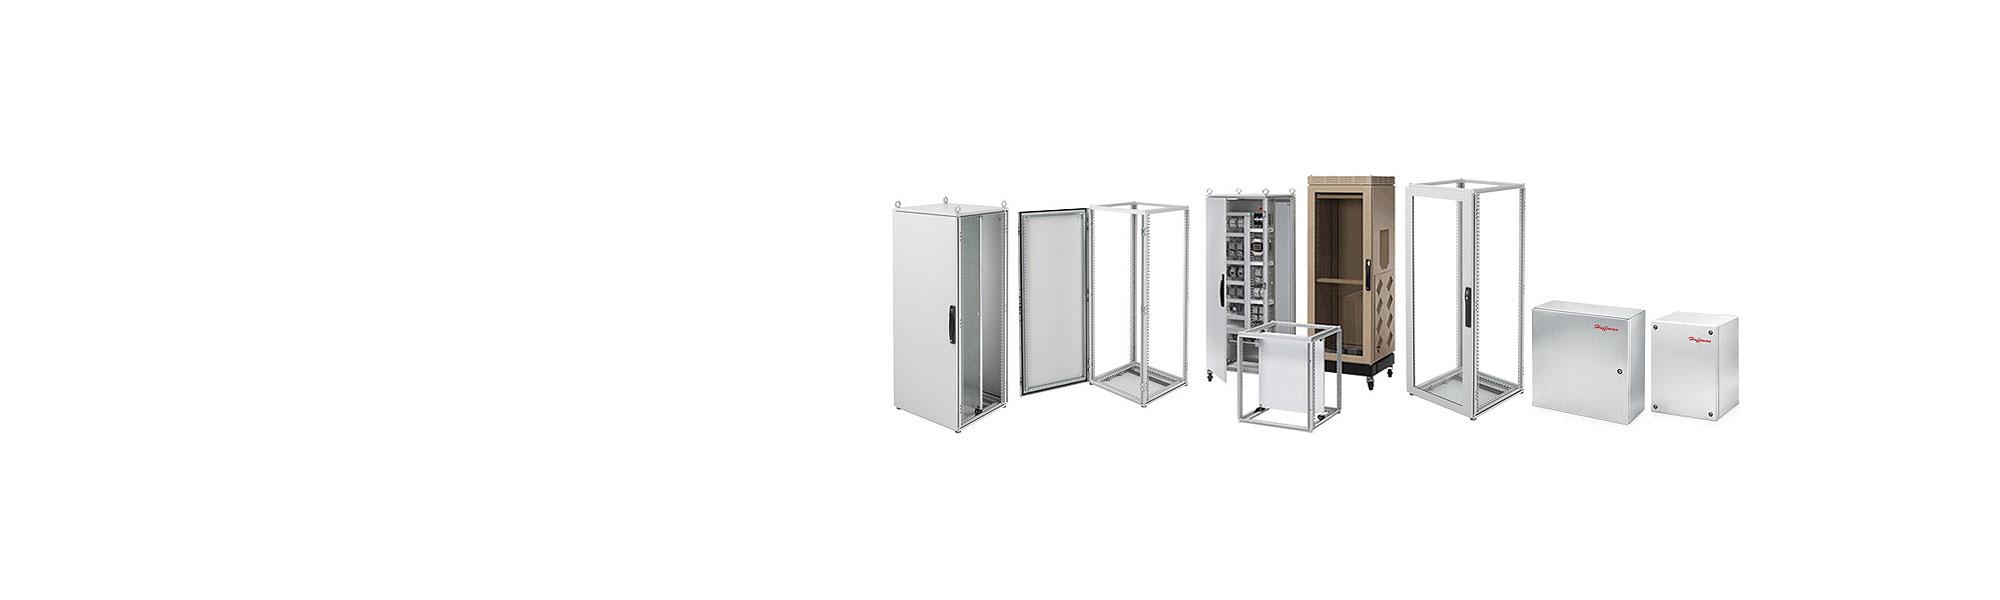 Slider MBI Produktübersicht Schaltschränke +Gehäuse